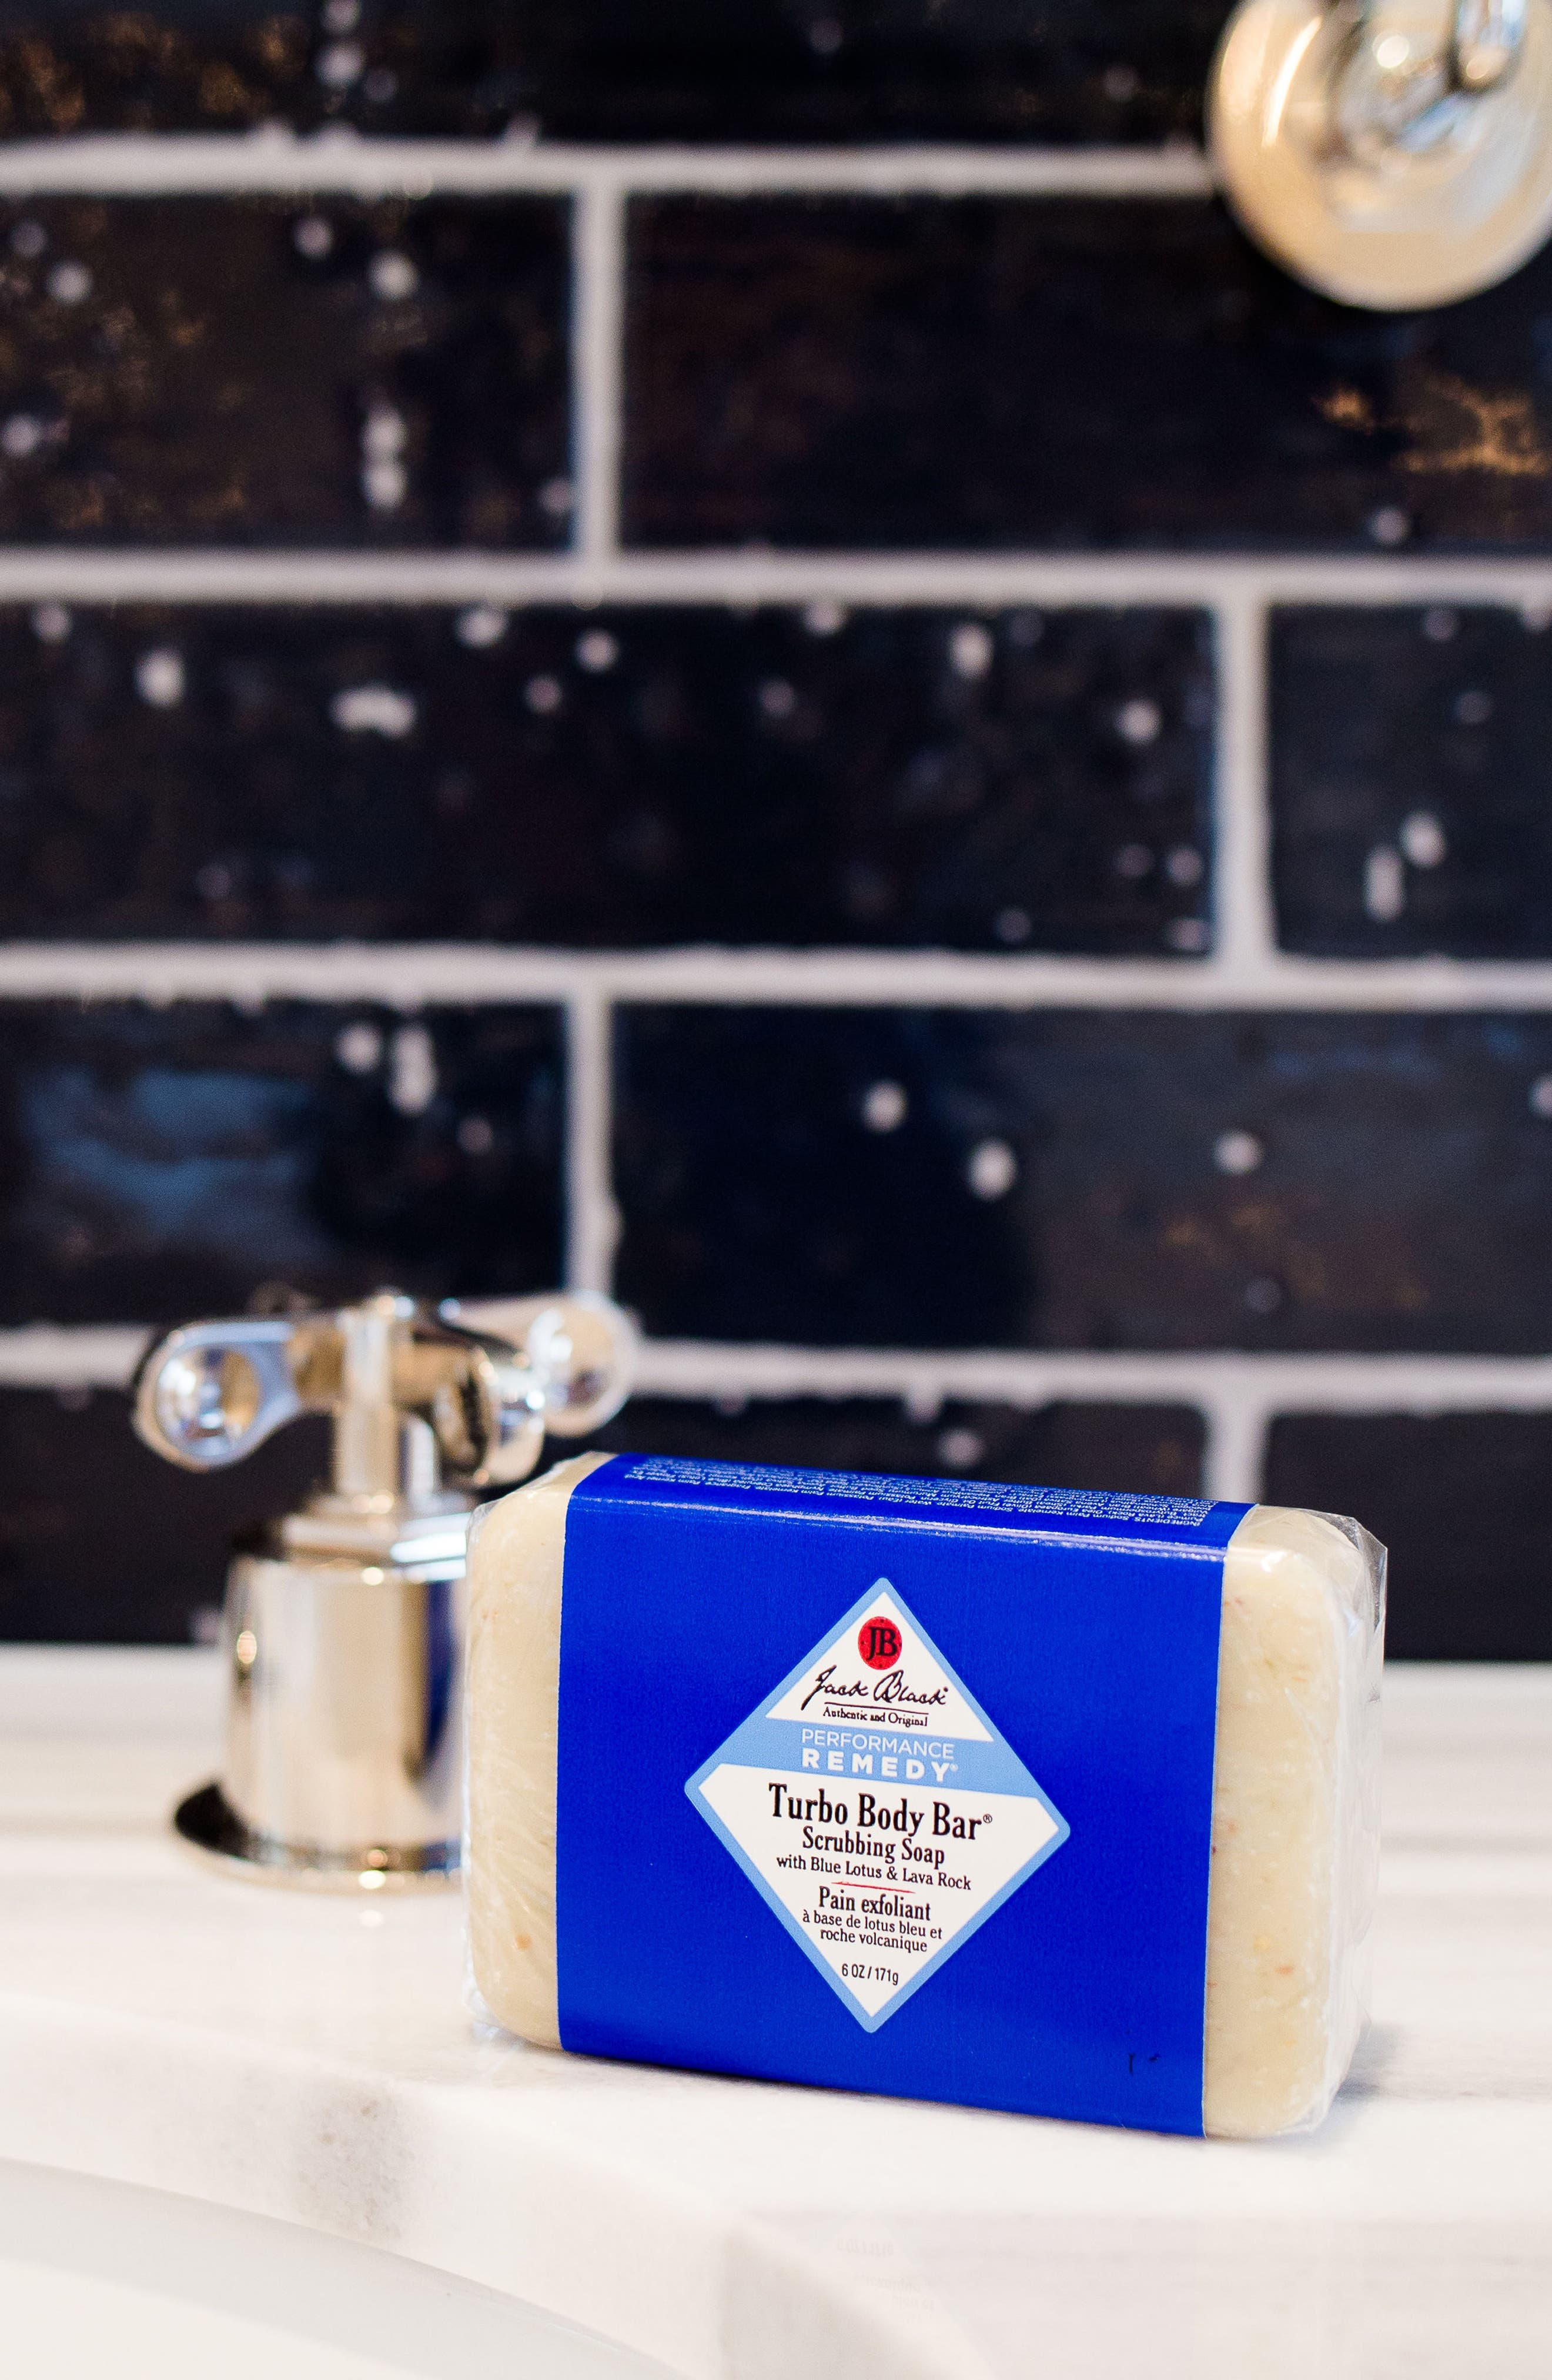 Alternate Image 3  - Jack Black 'Turbo Body Bar' Scrubbing Soap